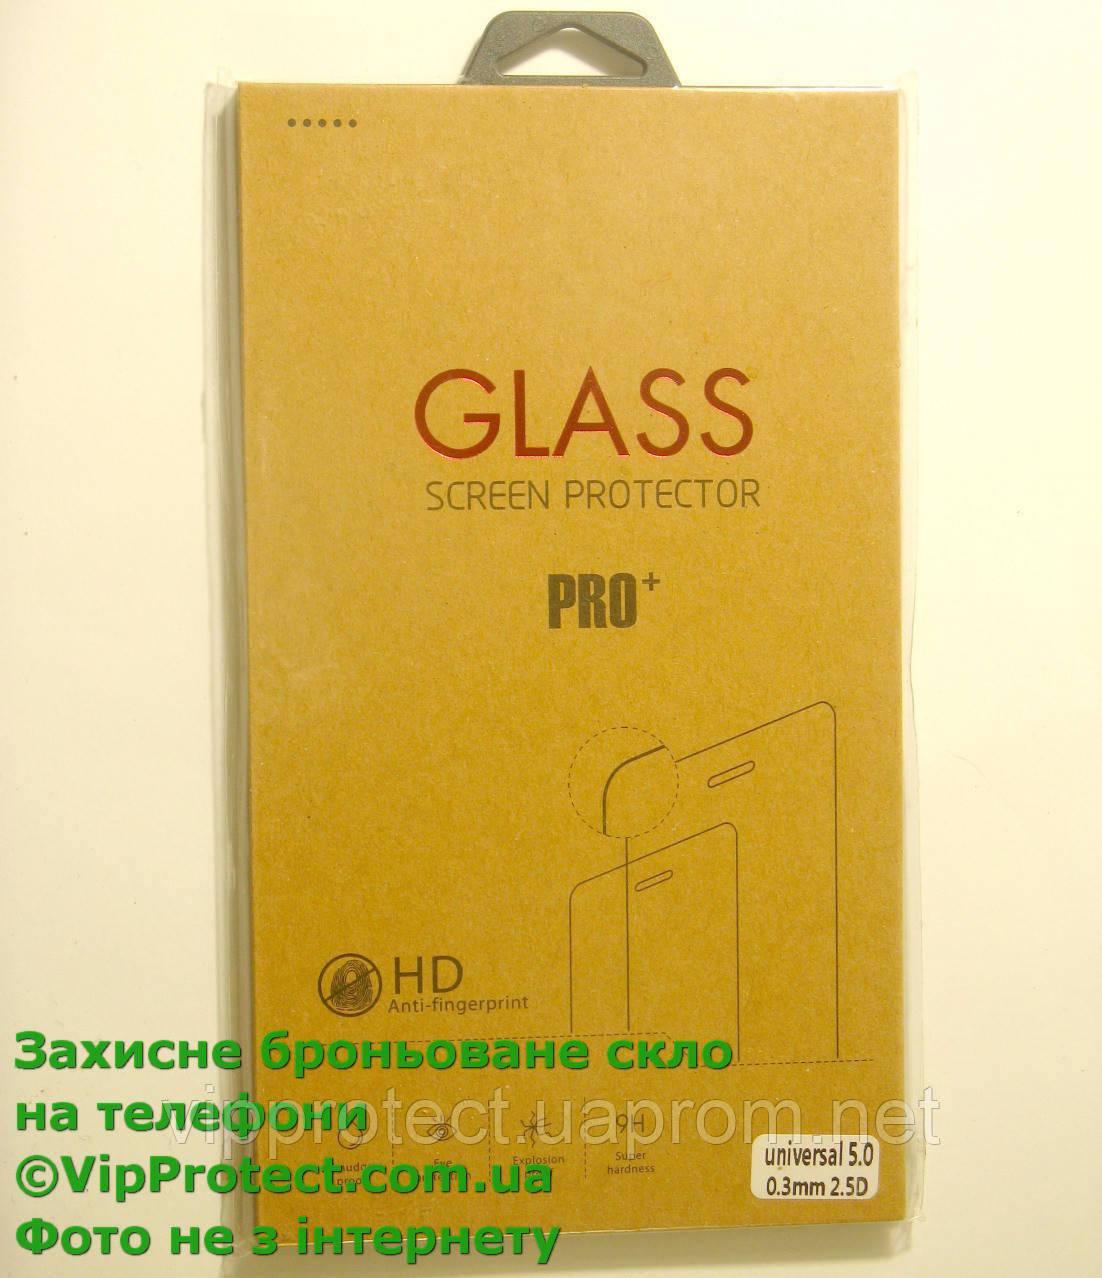 Универсальное 5,0дюйма защитное стекло 67*137 мм